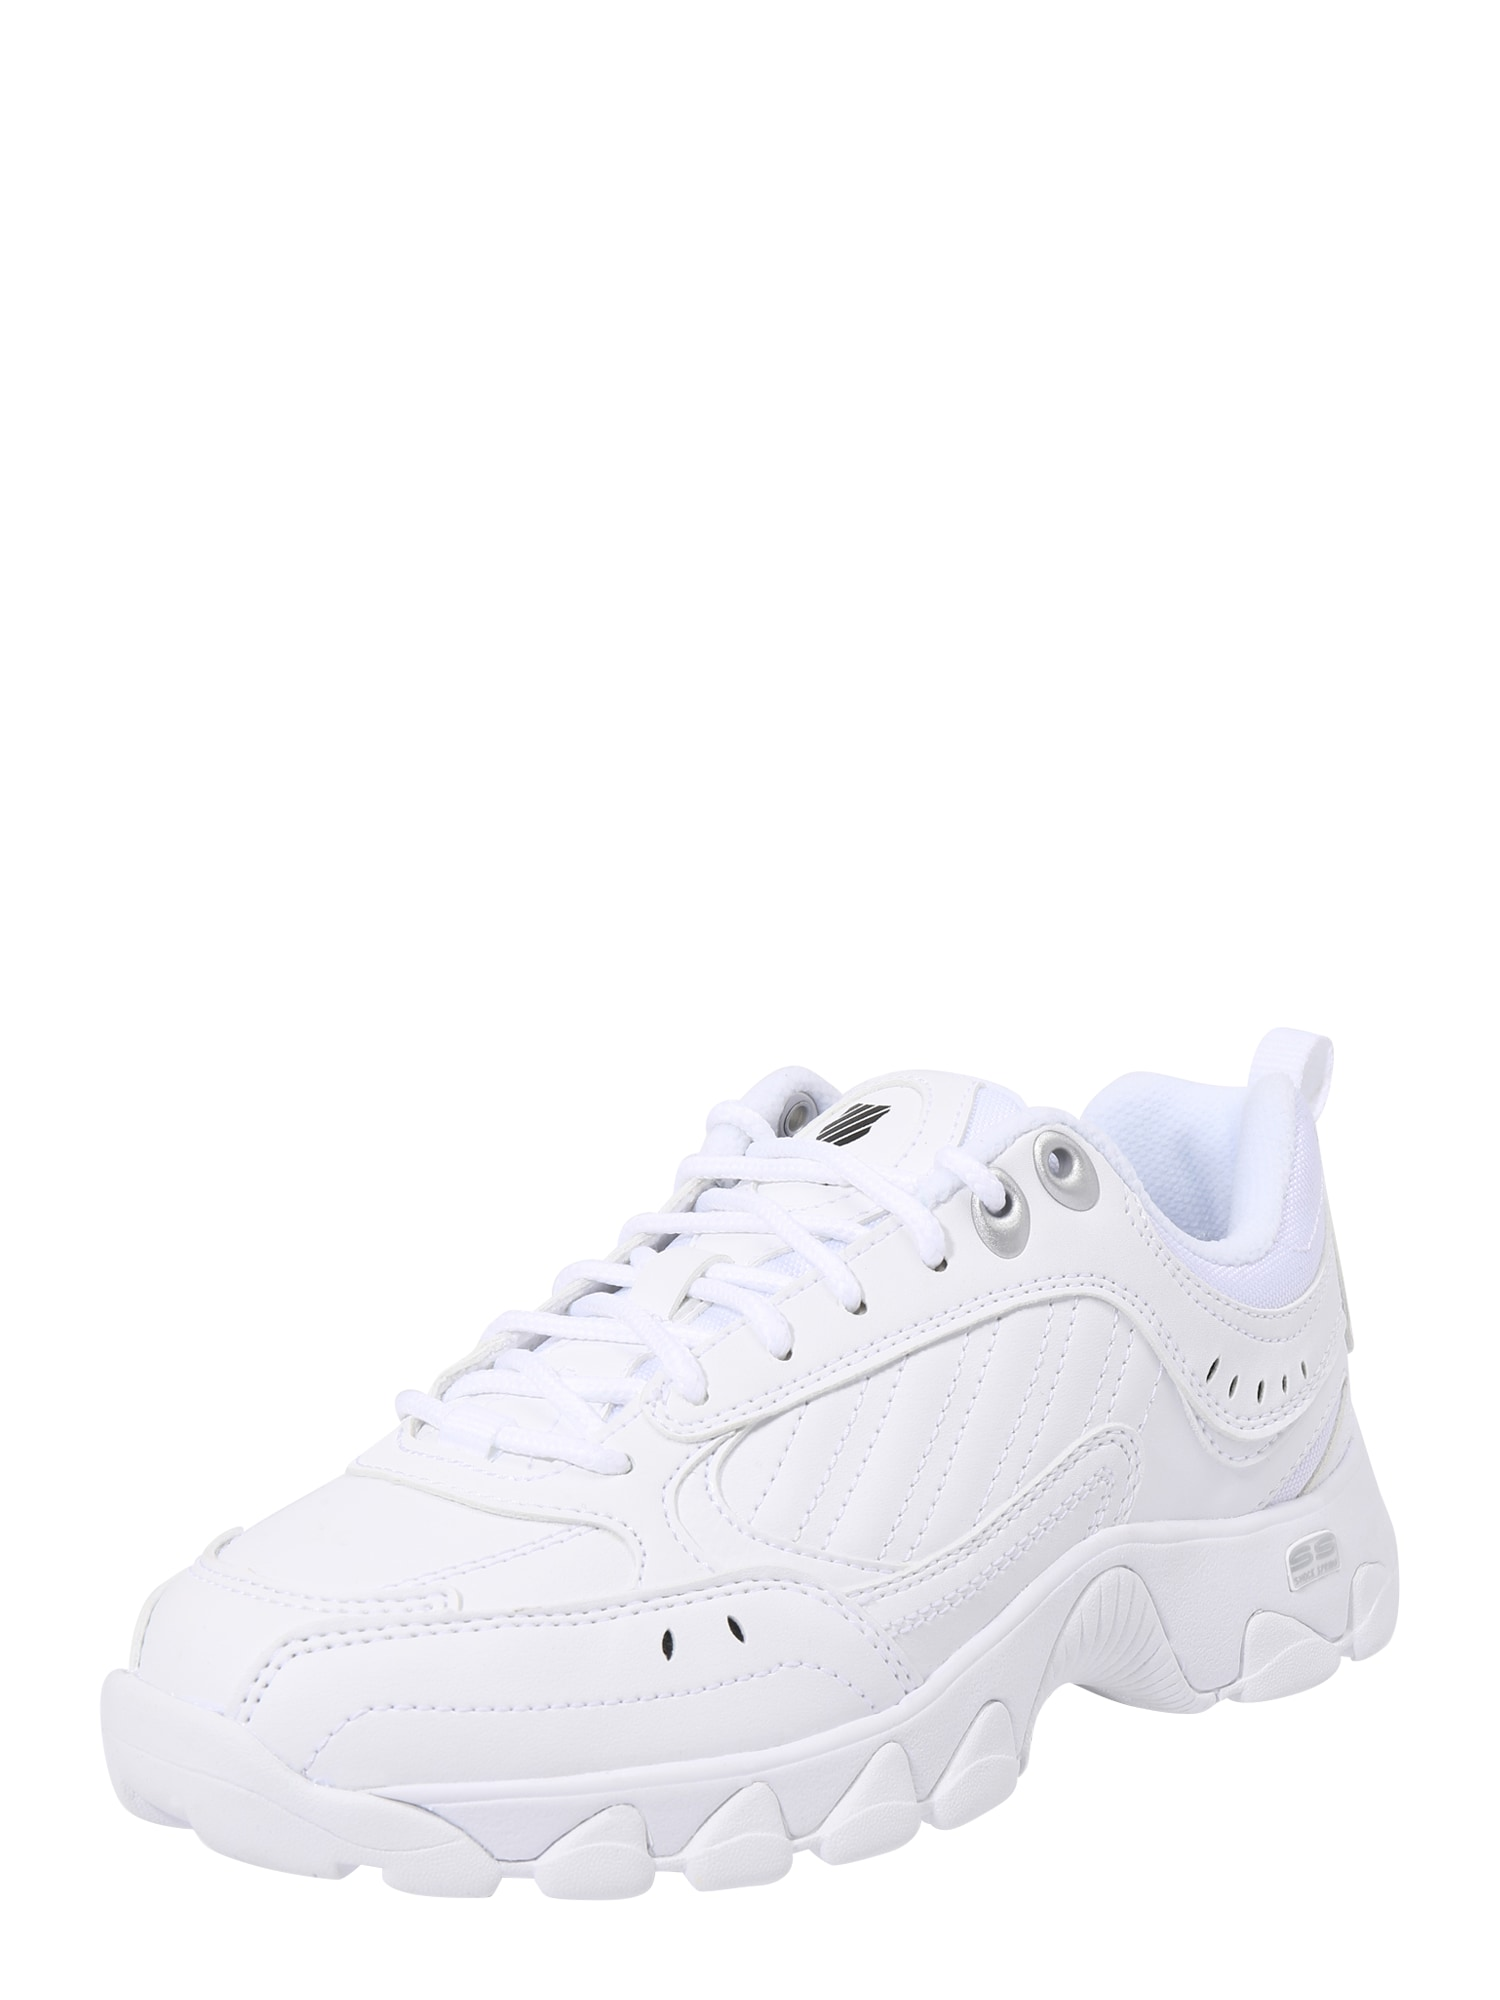 k-swiss - Sneaker ´HS329´